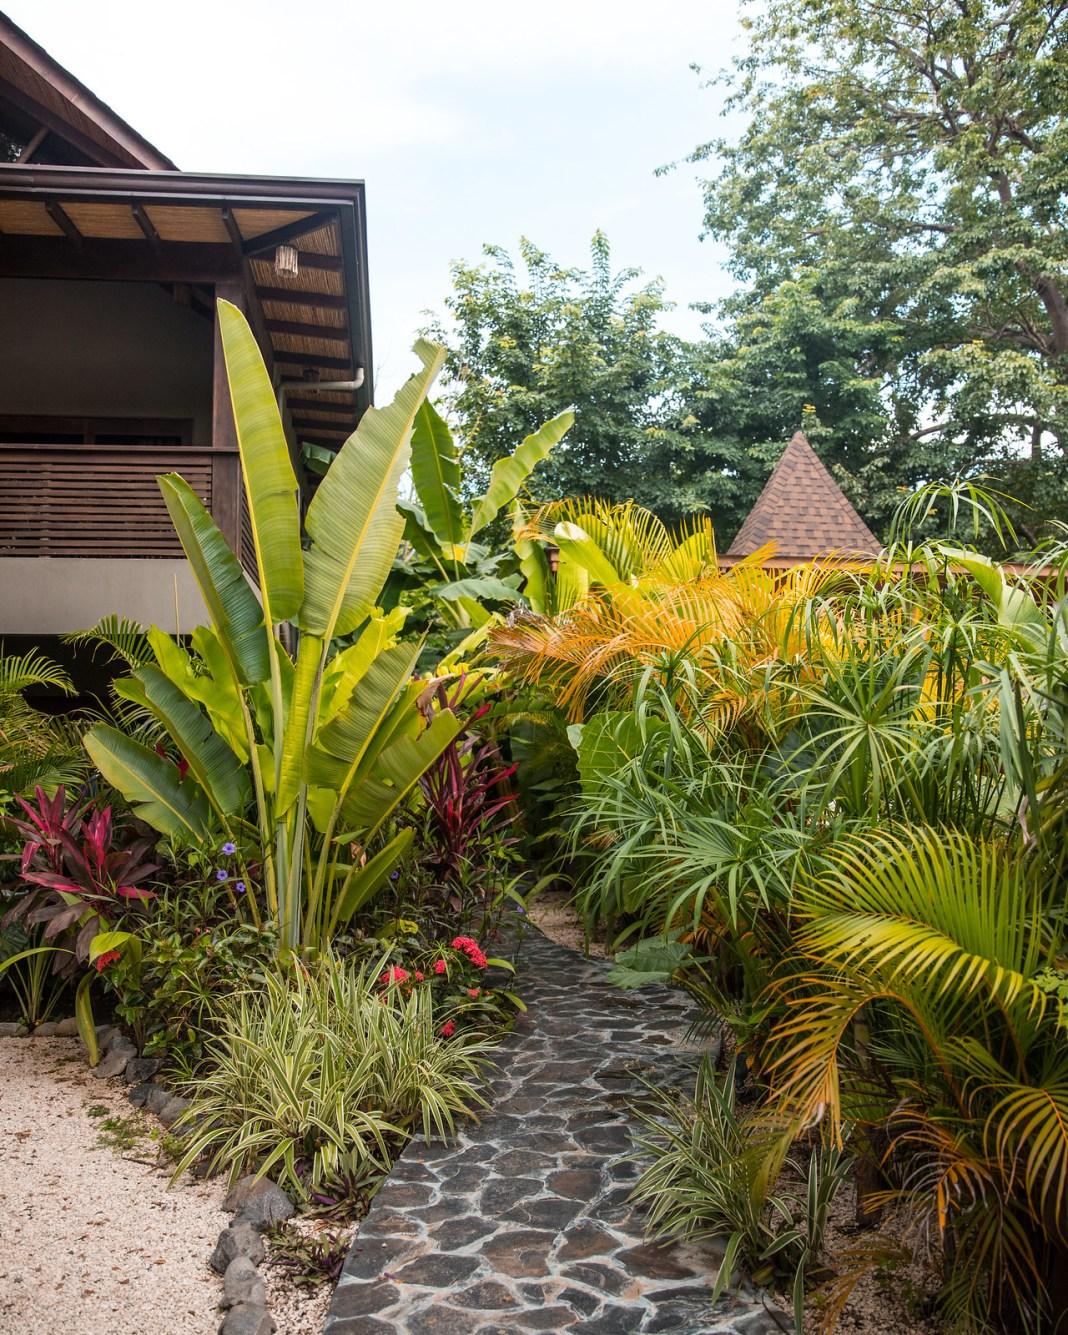 Lua Villas Costa Rica